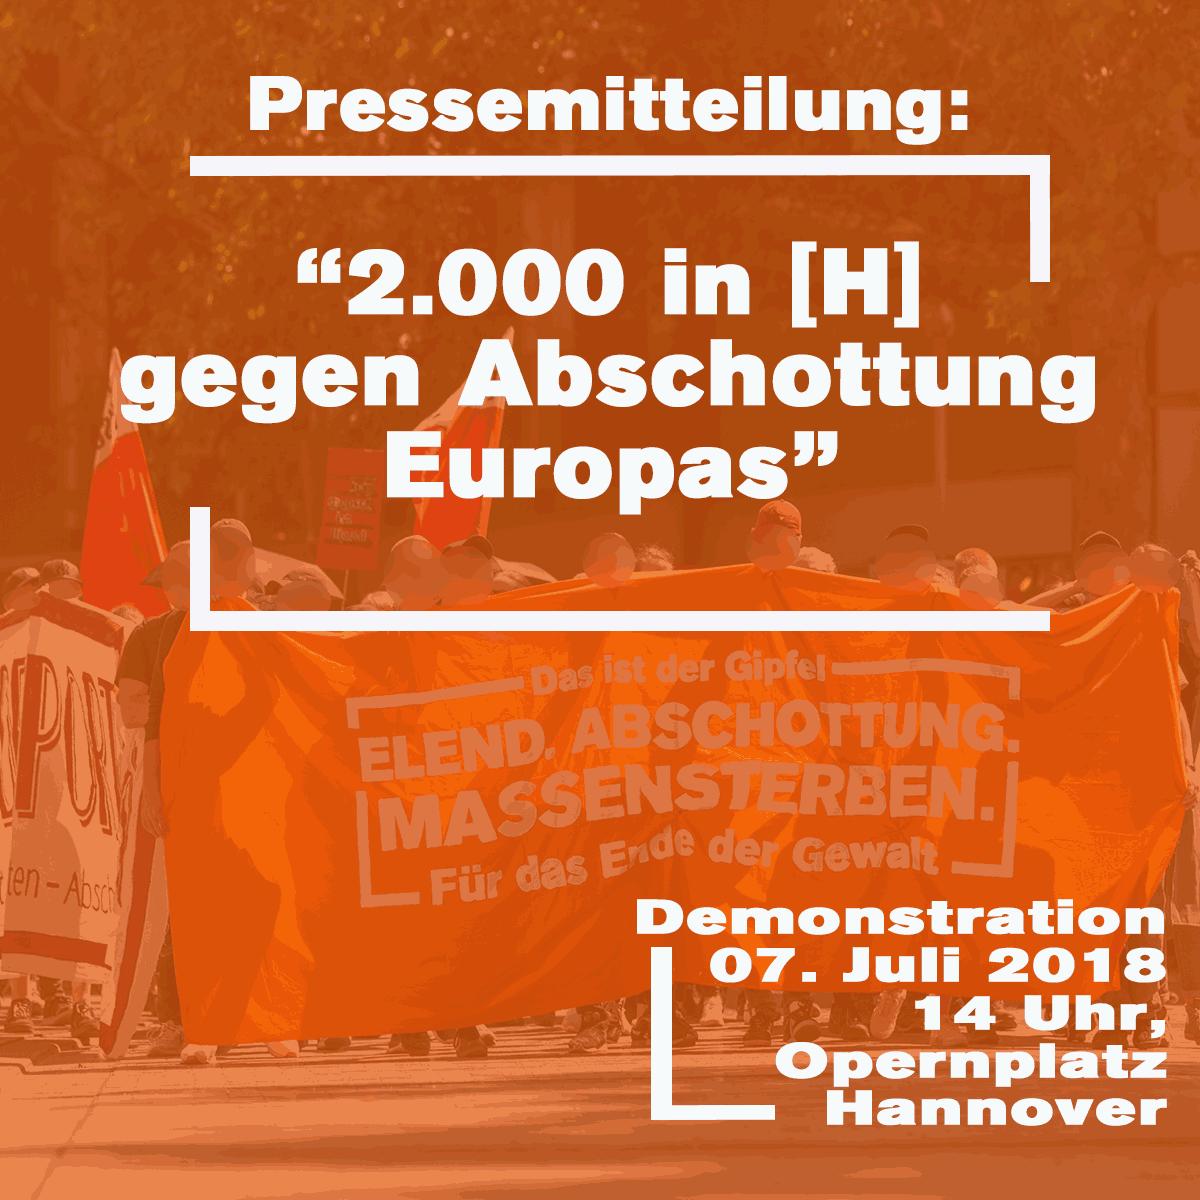 2.000 demonstrieren in Hannover gegen Abschottung der EU